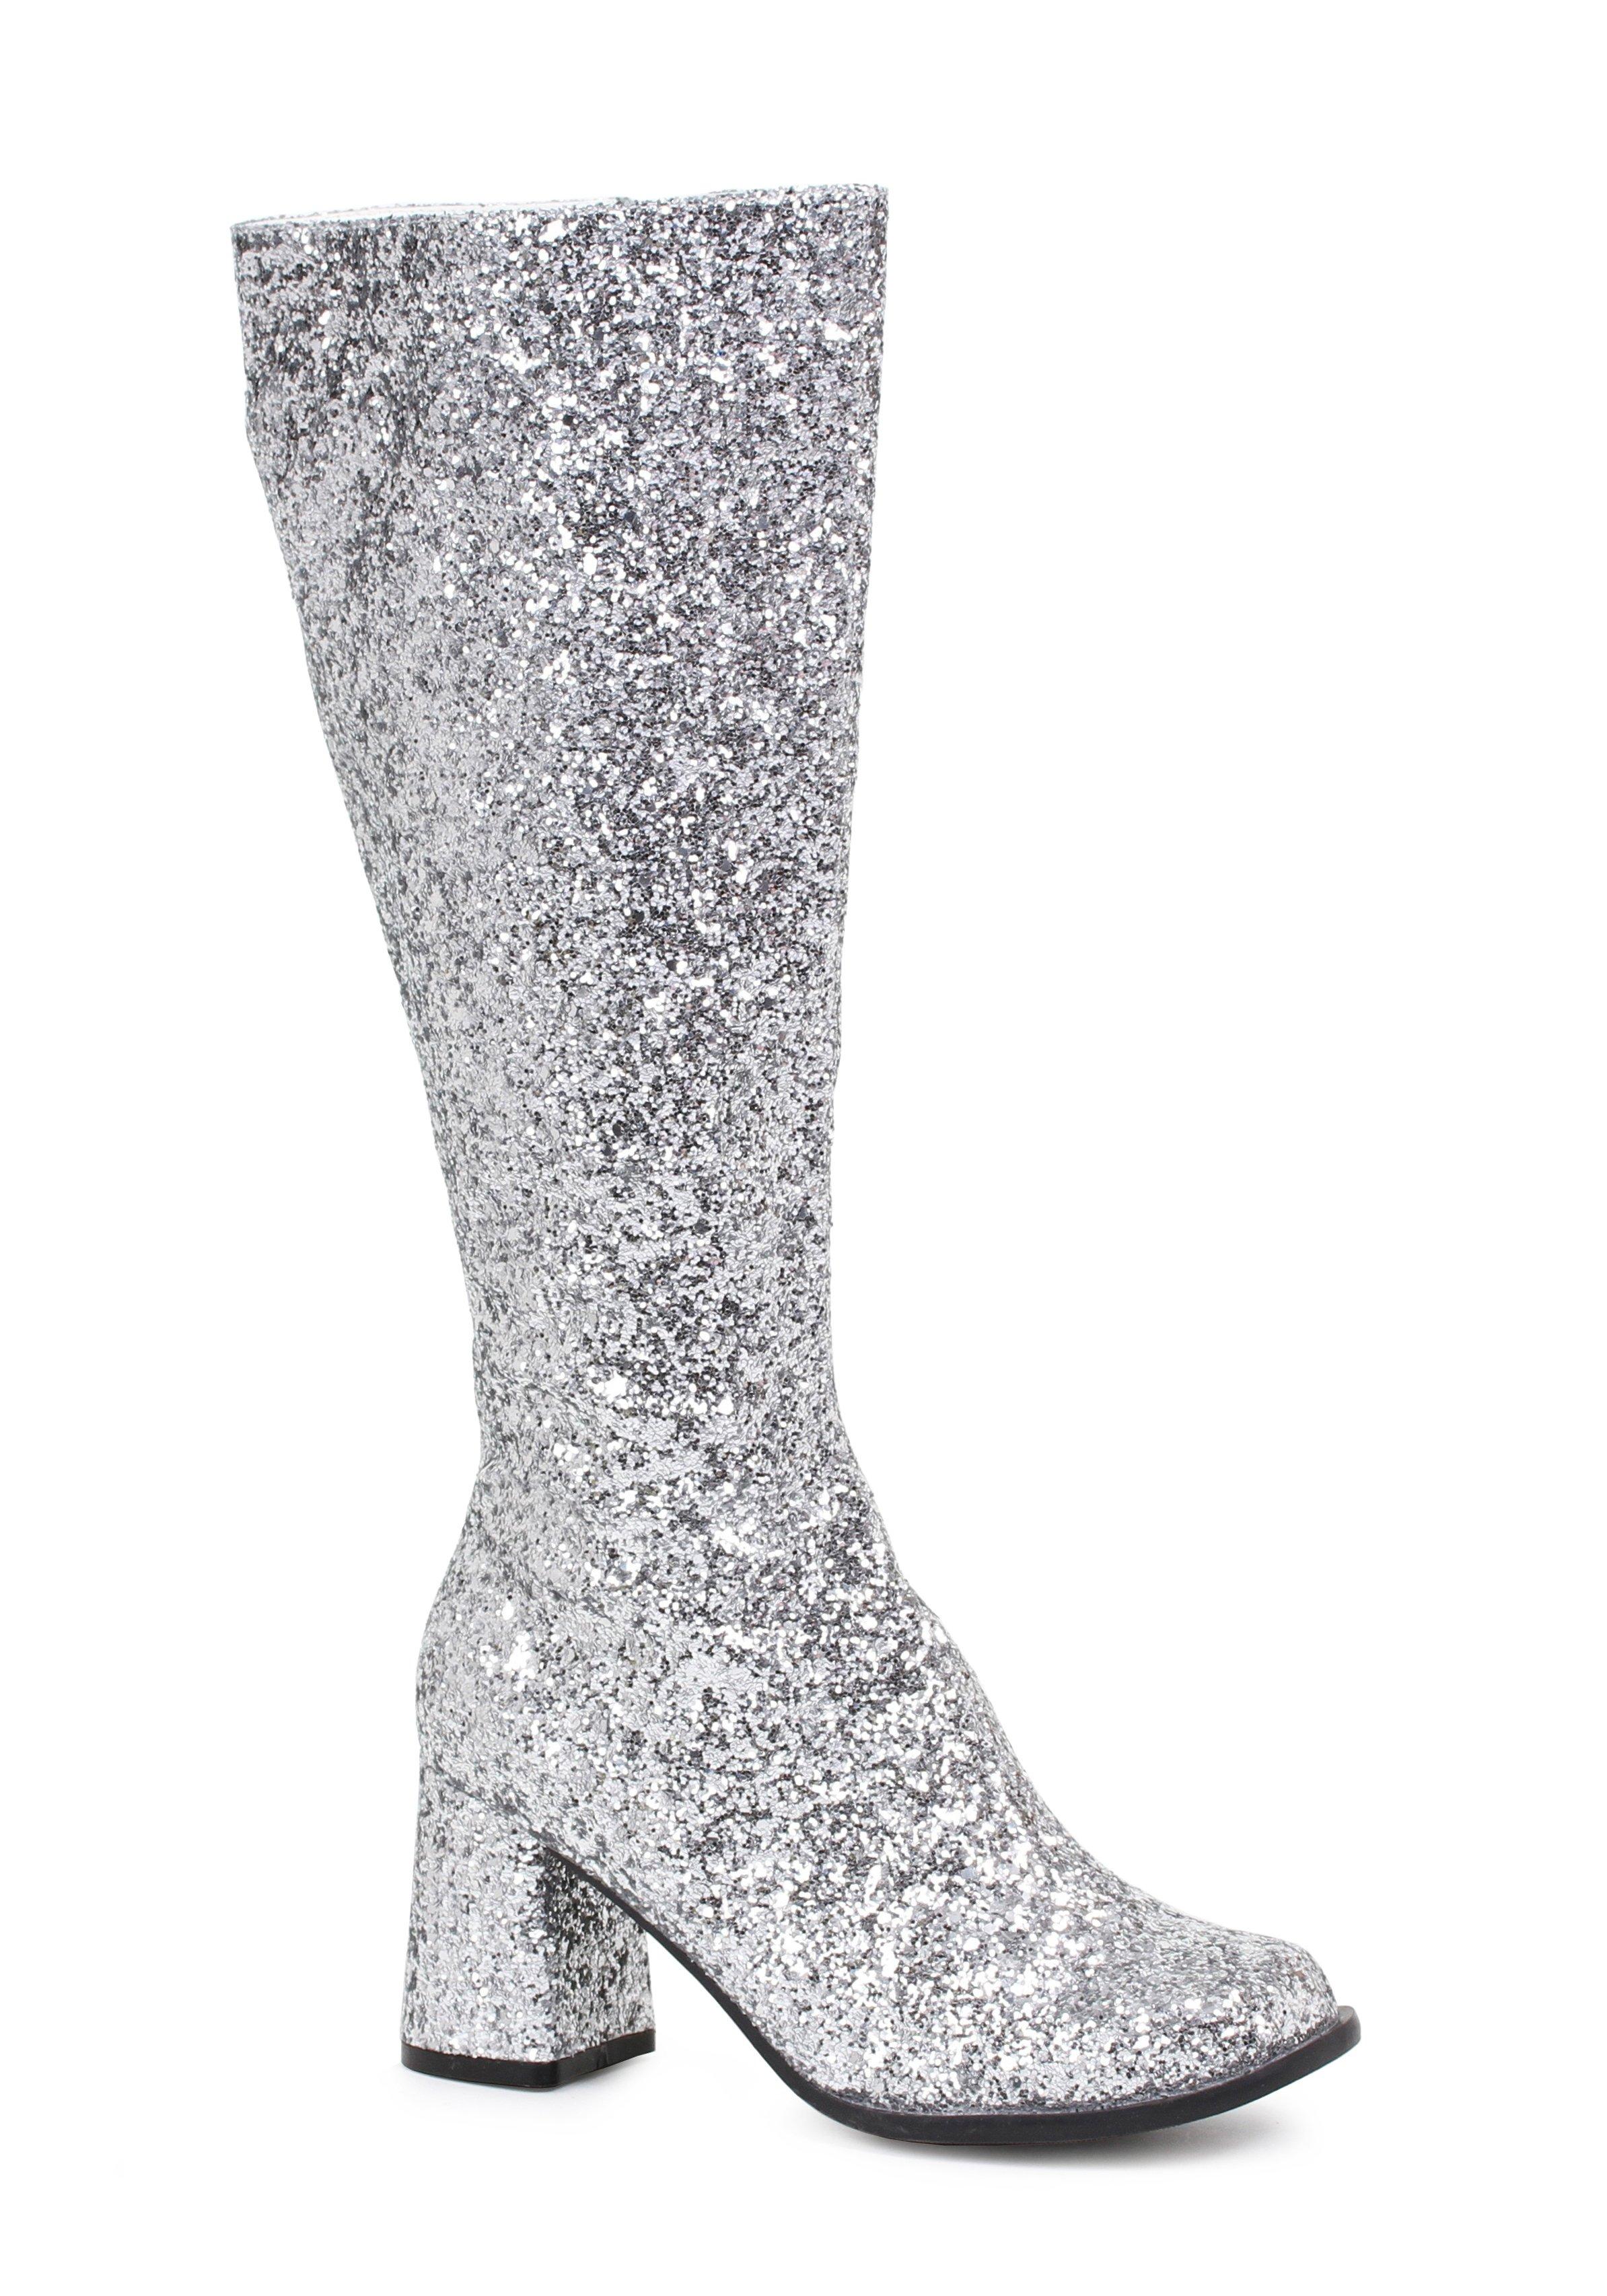 91d8f1da7822d Ellie Shoes Women's Gogo-g Boot Silver 9 Us/9 M US